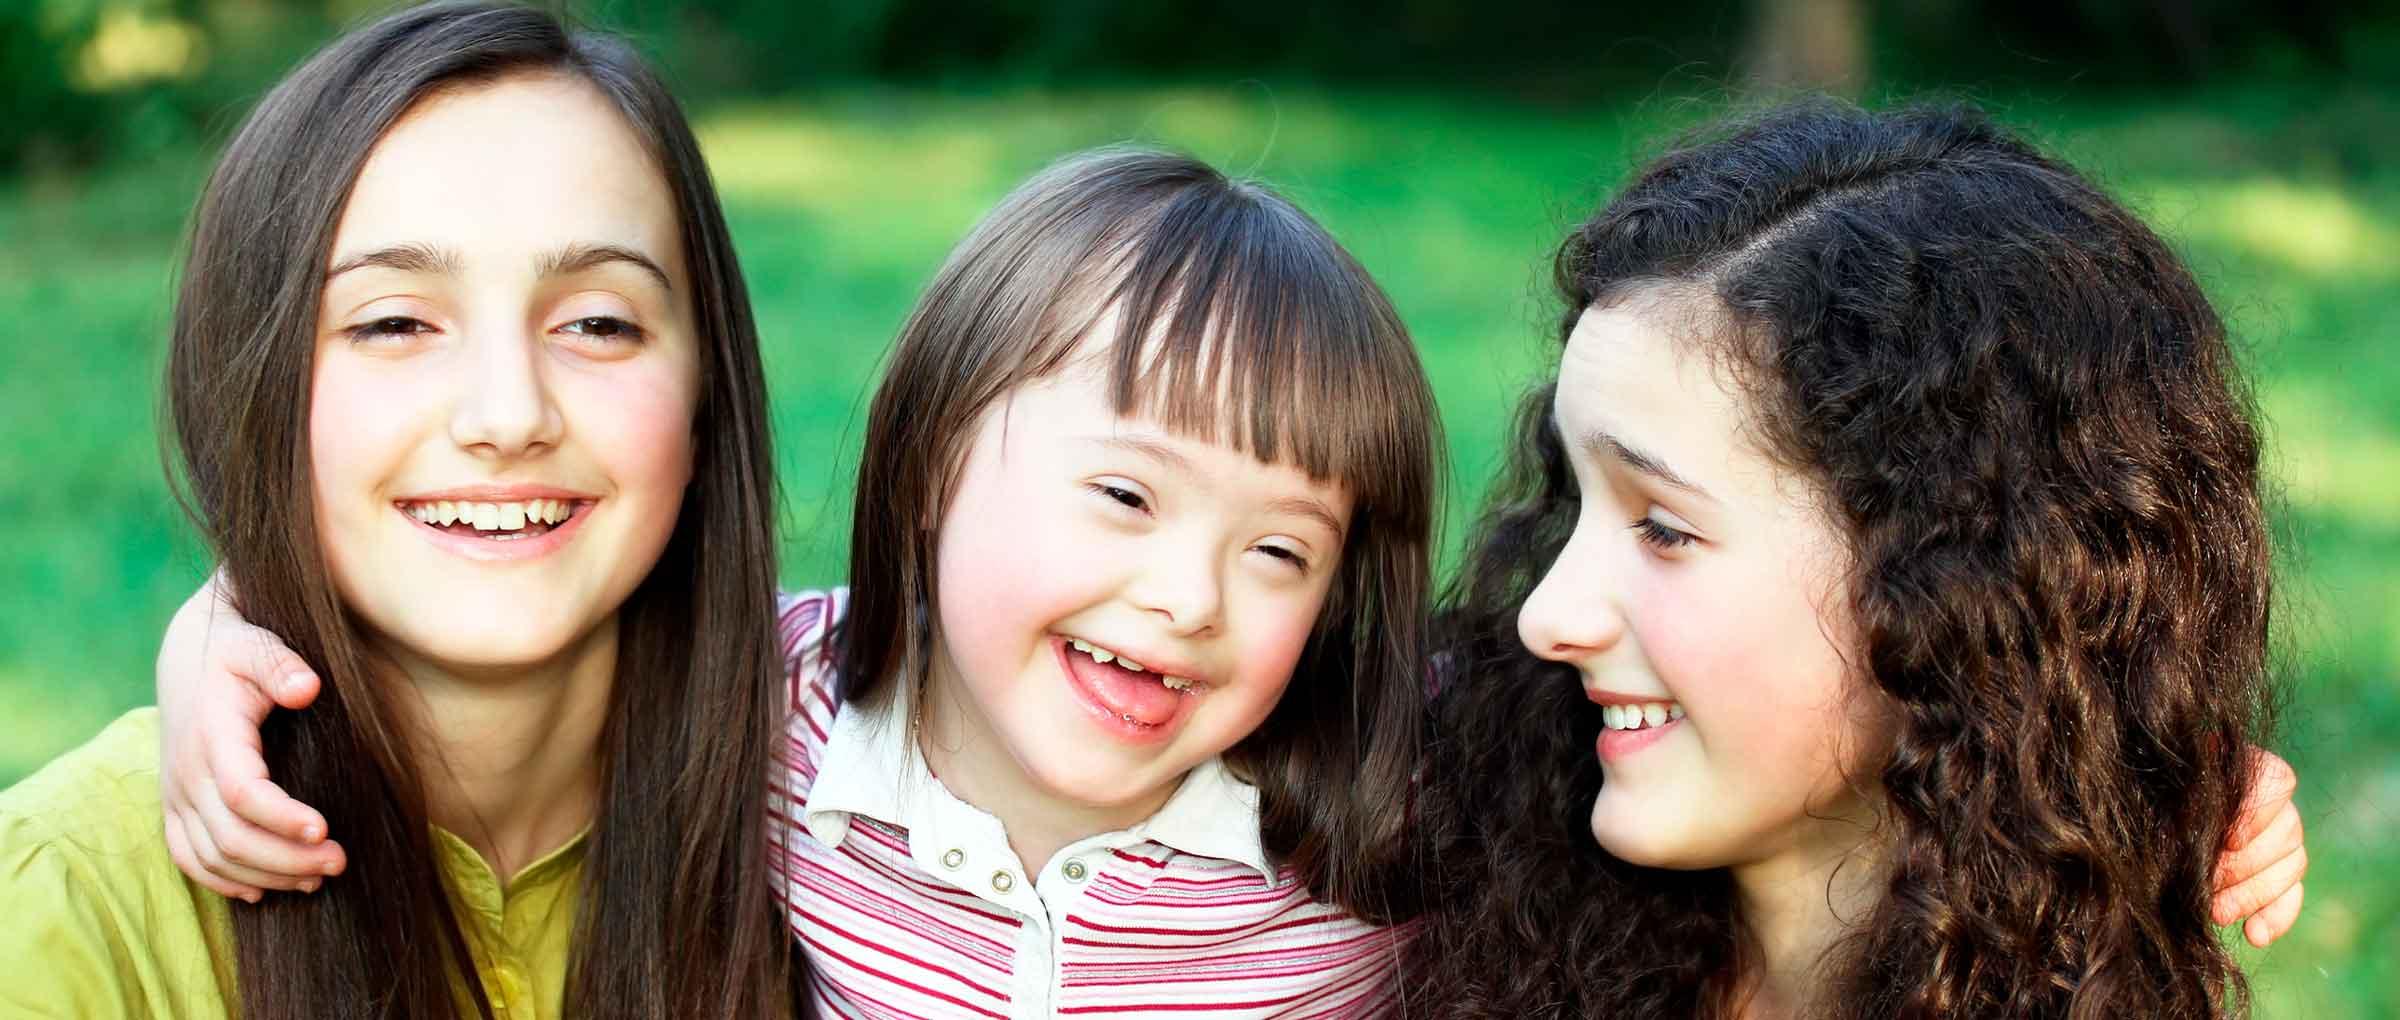 Avoir un enfant atteint du syndrome de Down